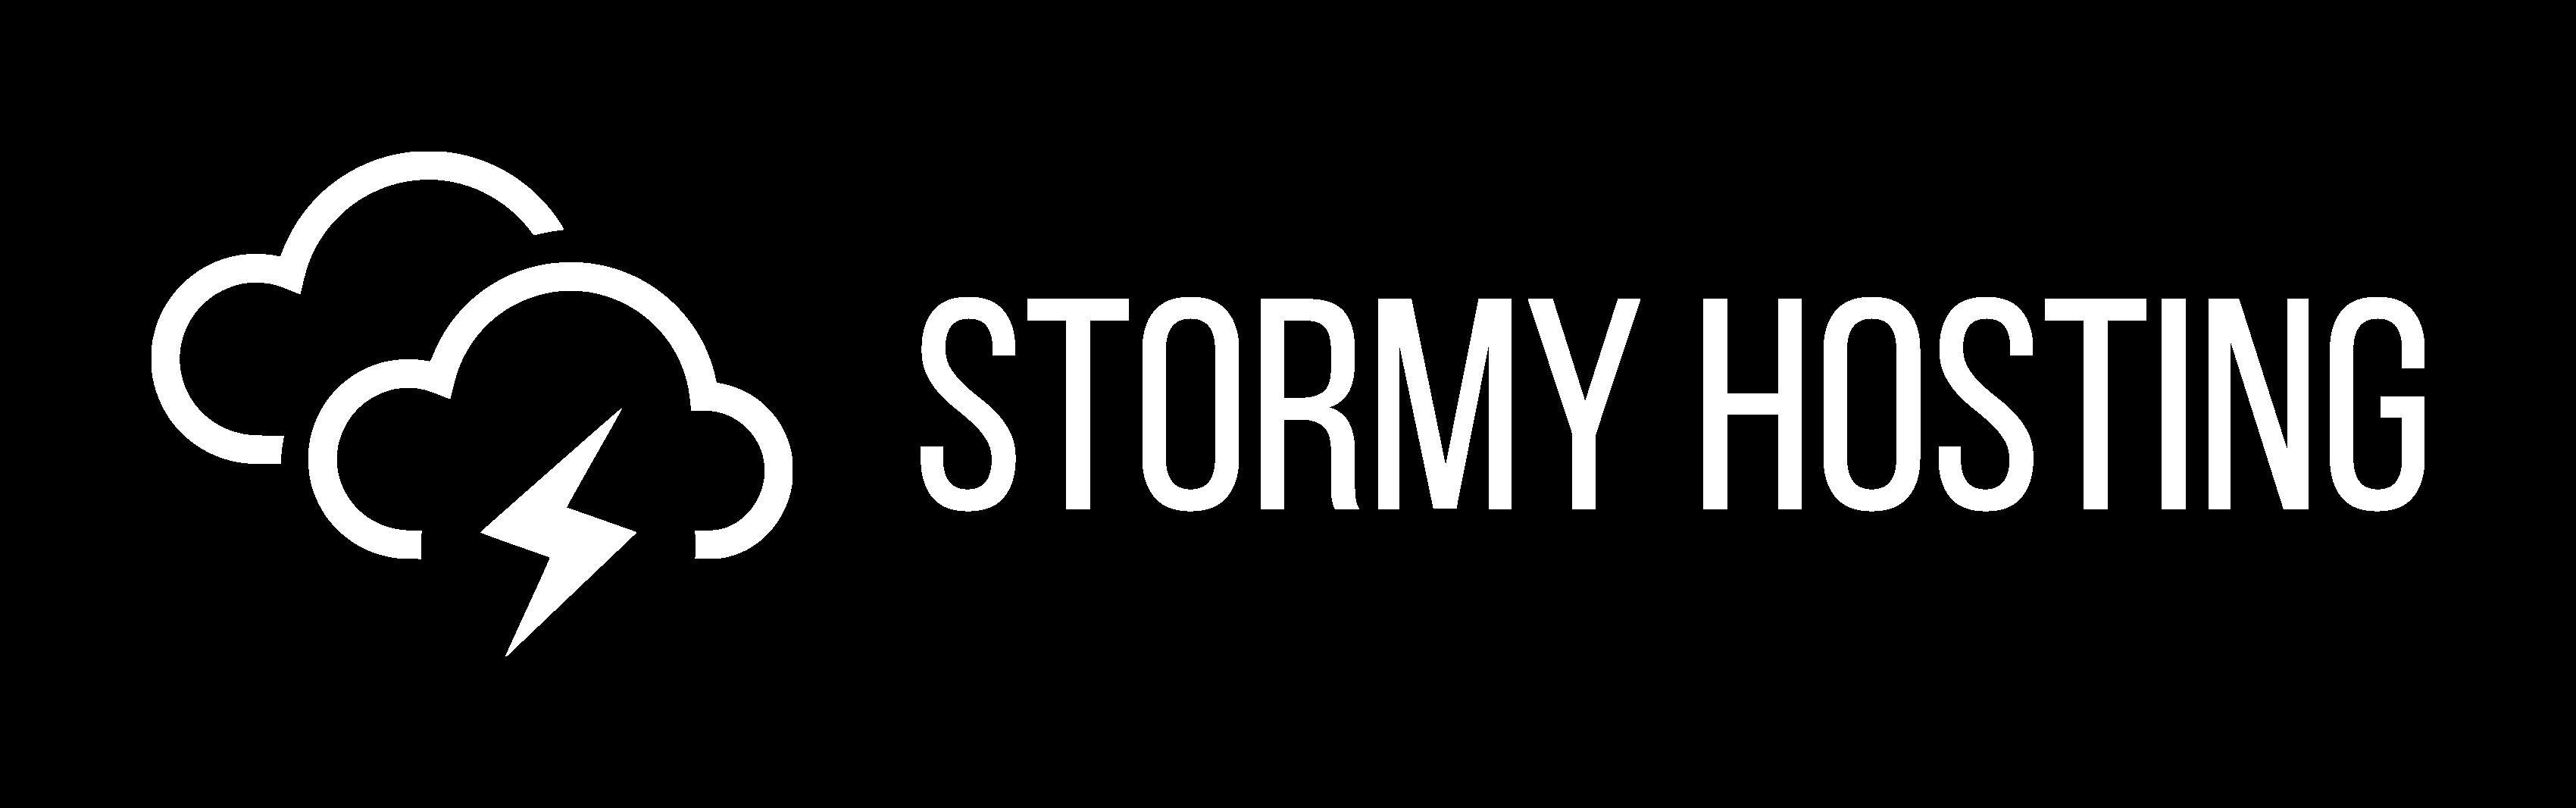 Stormy Hosting